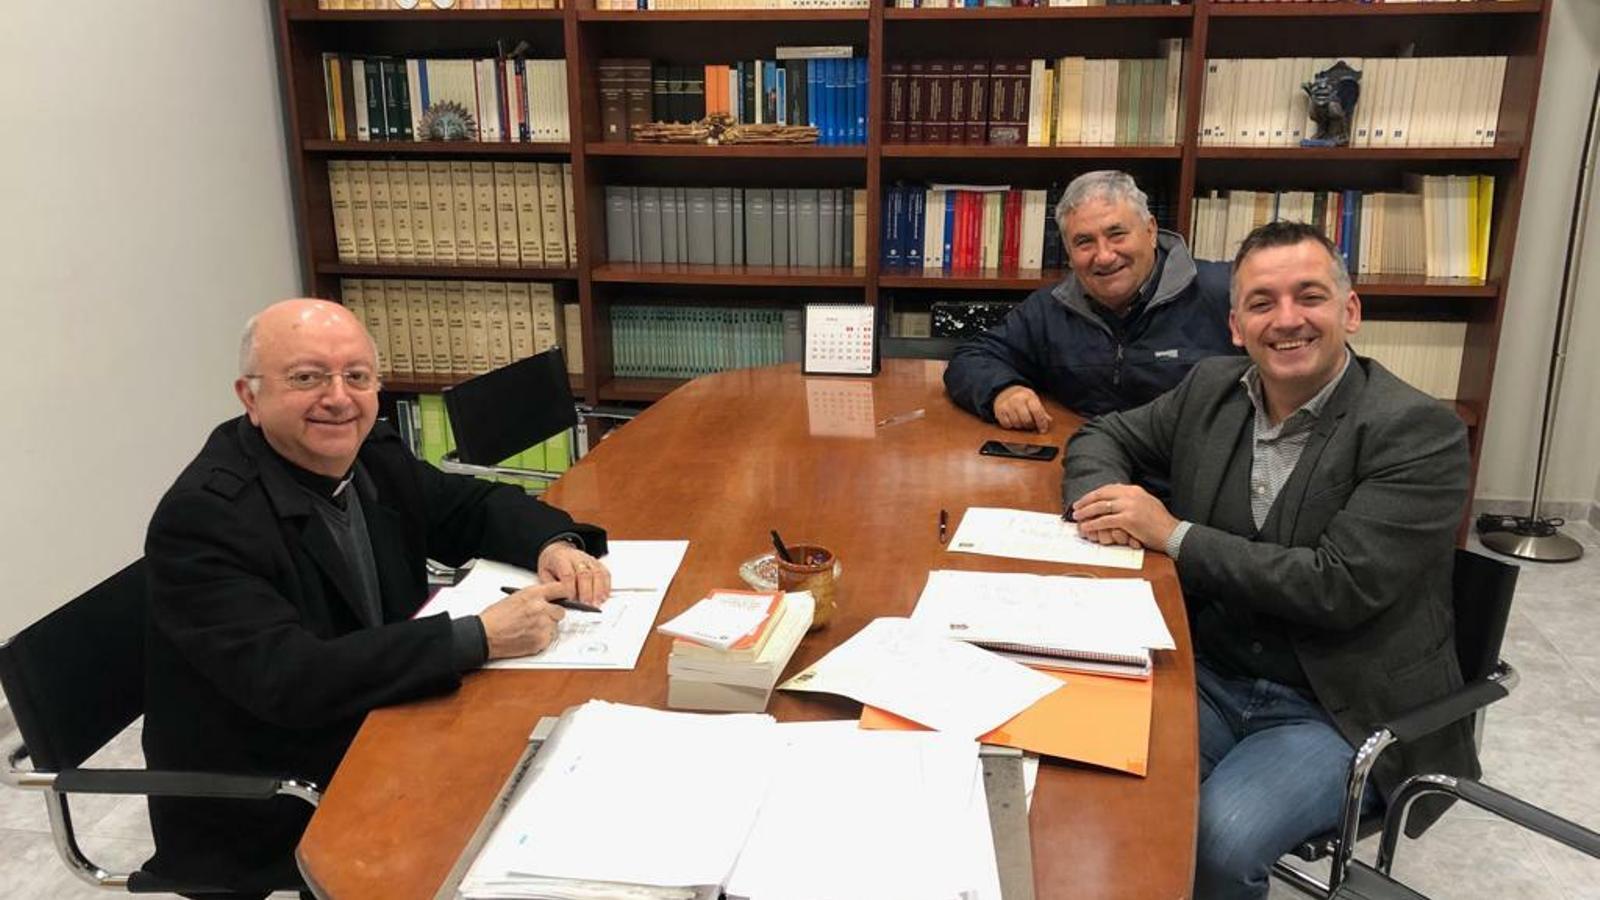 El secretari del Bisbat, Antoni Burguera (esquera) i el batle de Sencelles, Joan Carles Verd (dreta), durant la firma de l'acord.